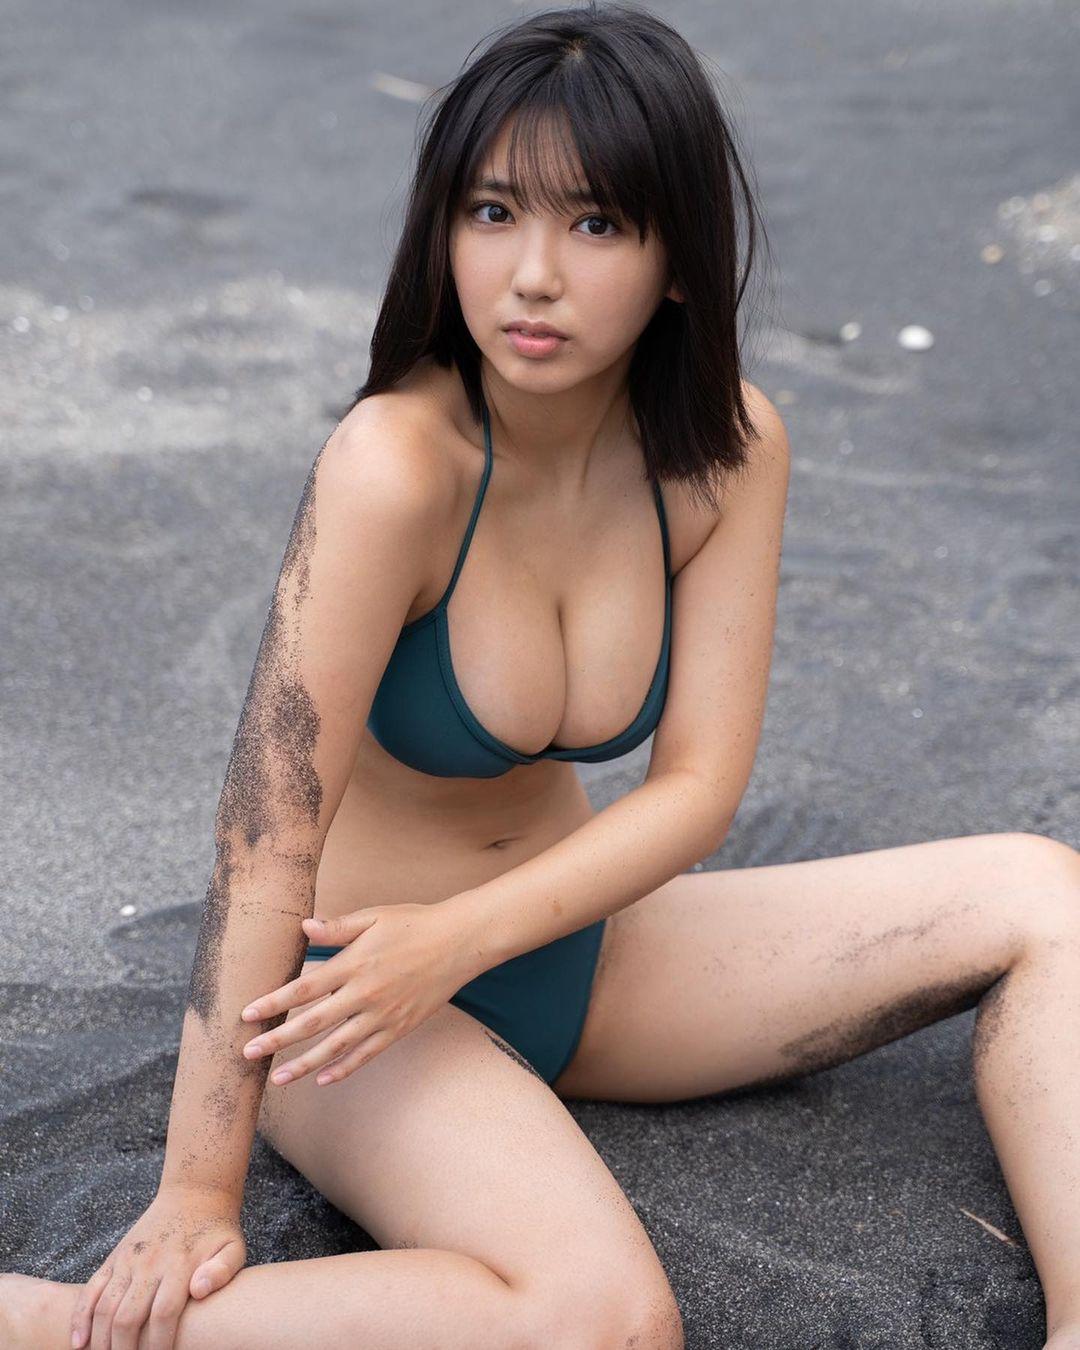 sawaguchi_aika136.jpg